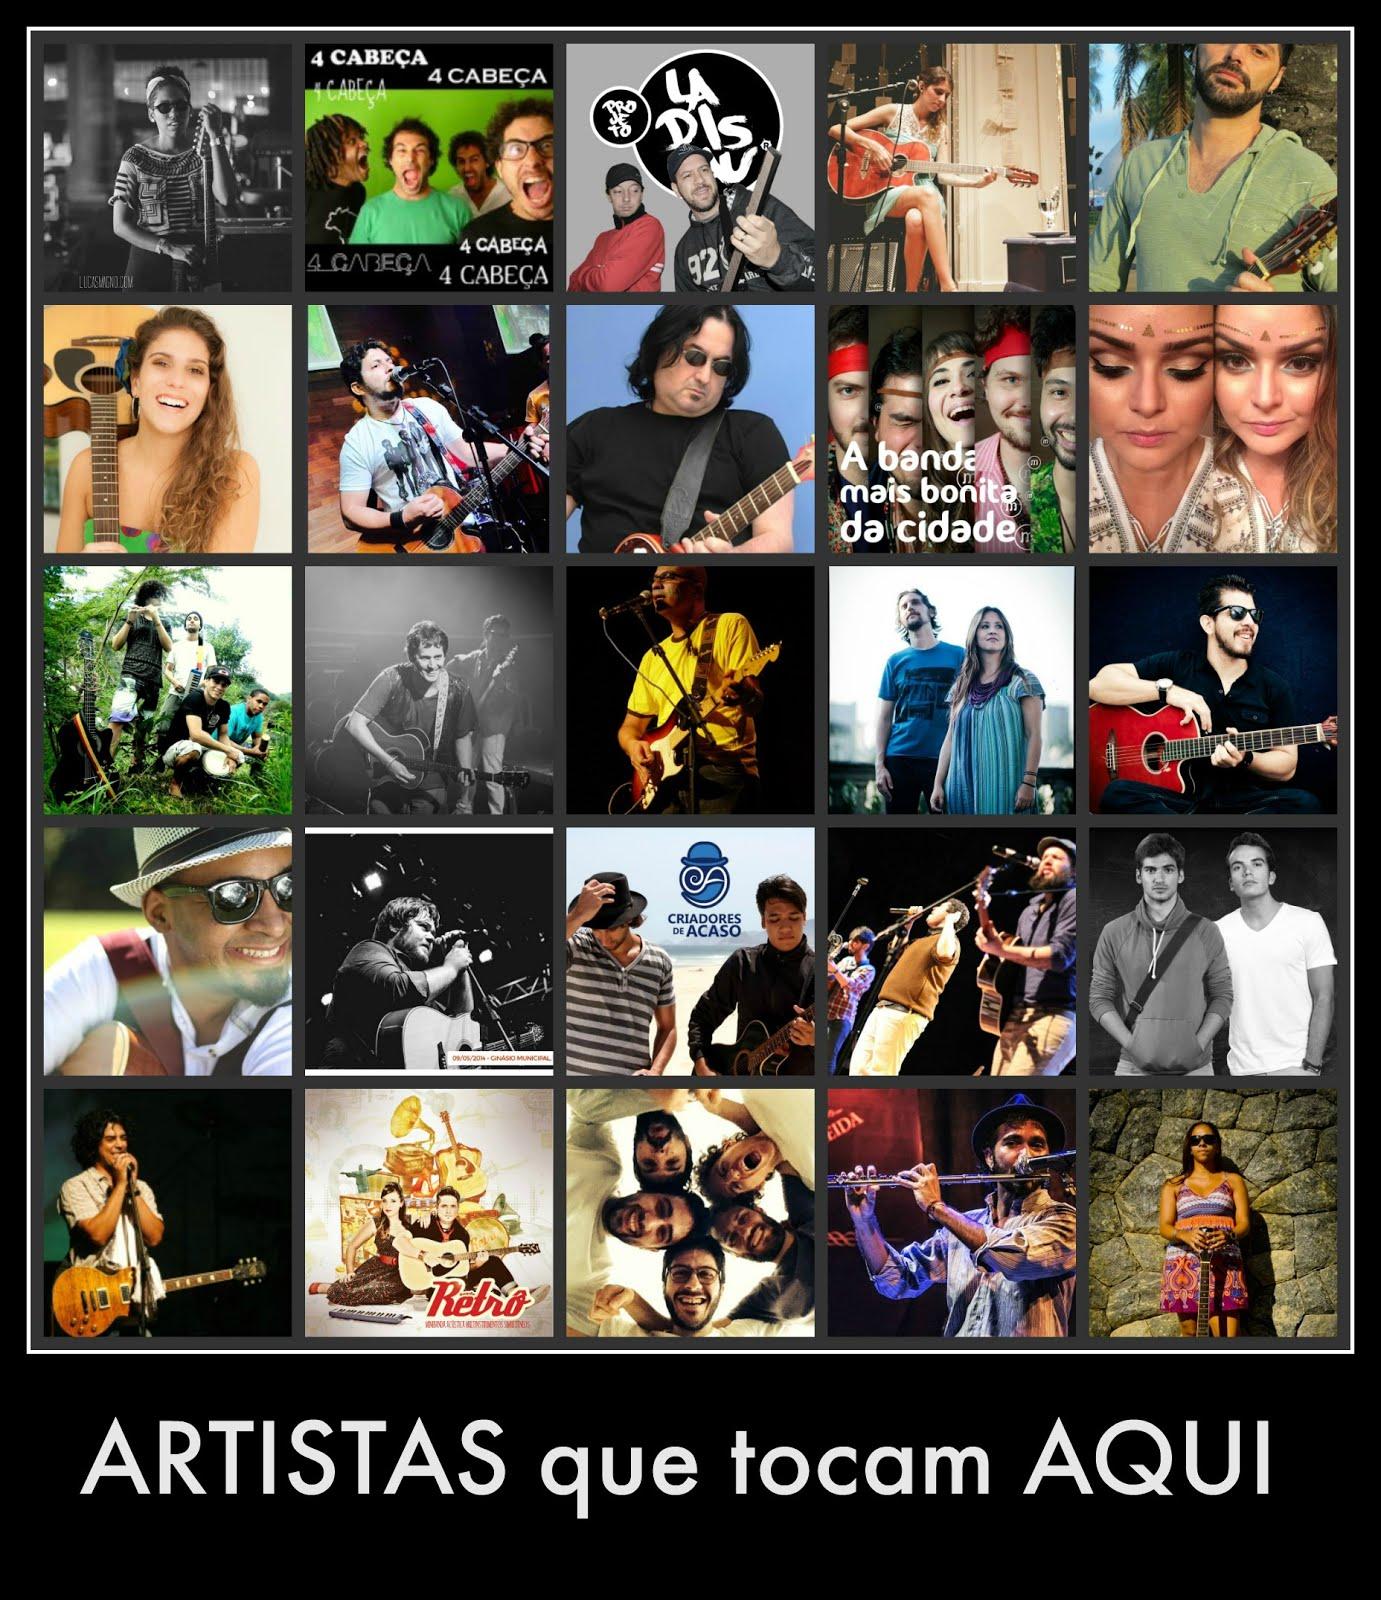 OS ARTISTAS  TOCADAS  NA  Rádio Web  Fm  e na Cultura  de  Cajazeiras Pb